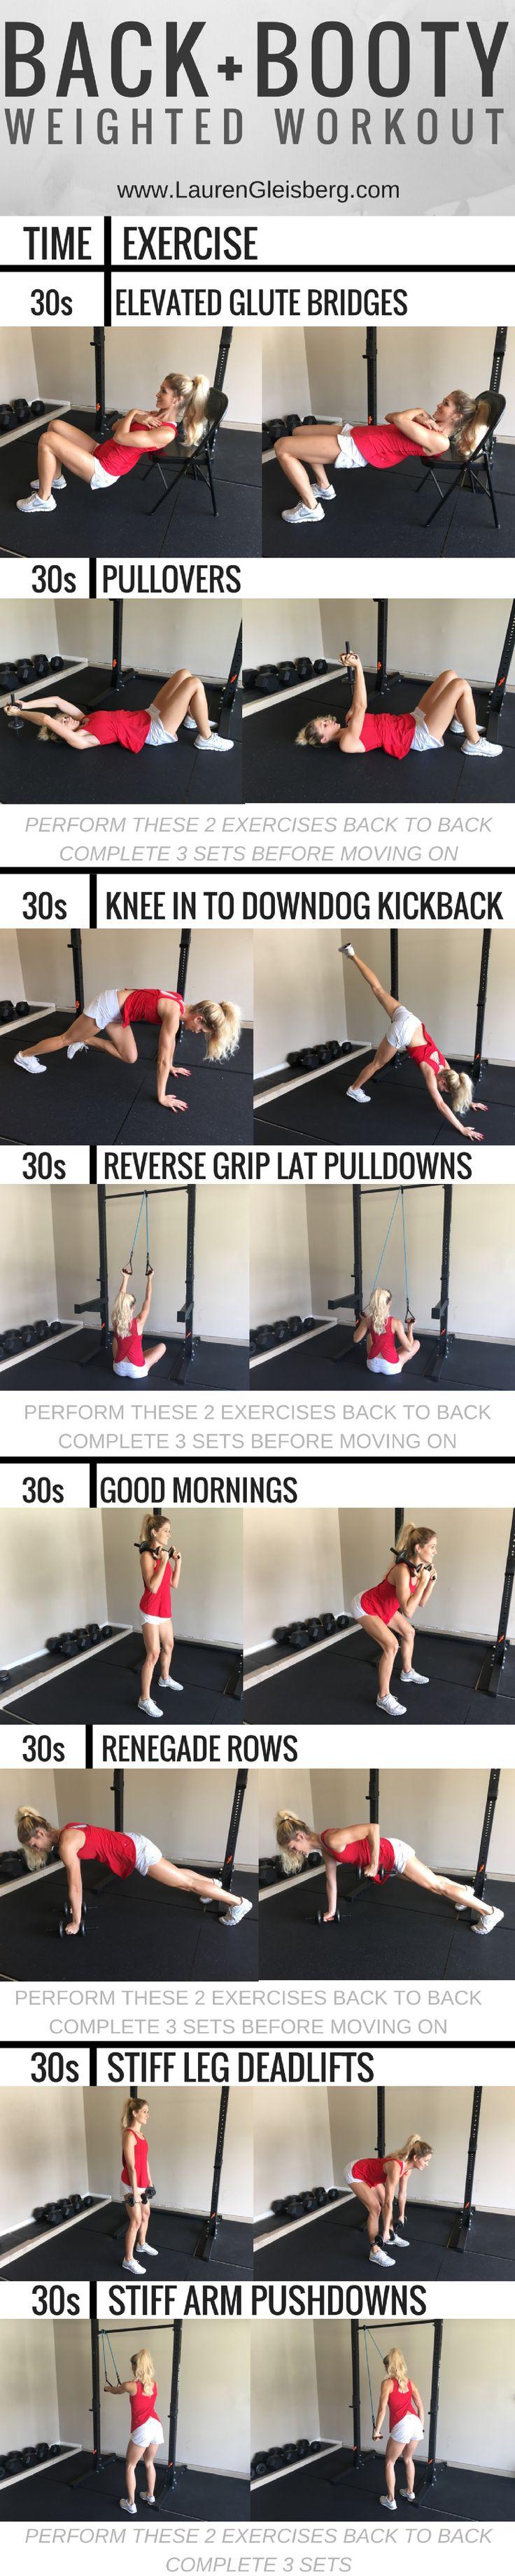 Fitmas Premium Challenge Pack: Week 4 Workouts – Lauren Gleisberg